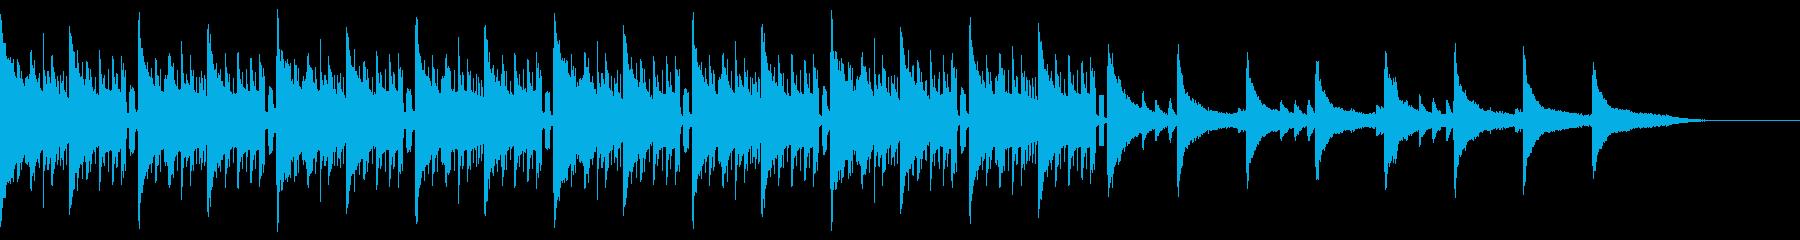 ピアノ+ヒップホップドラムなバラード曲の再生済みの波形